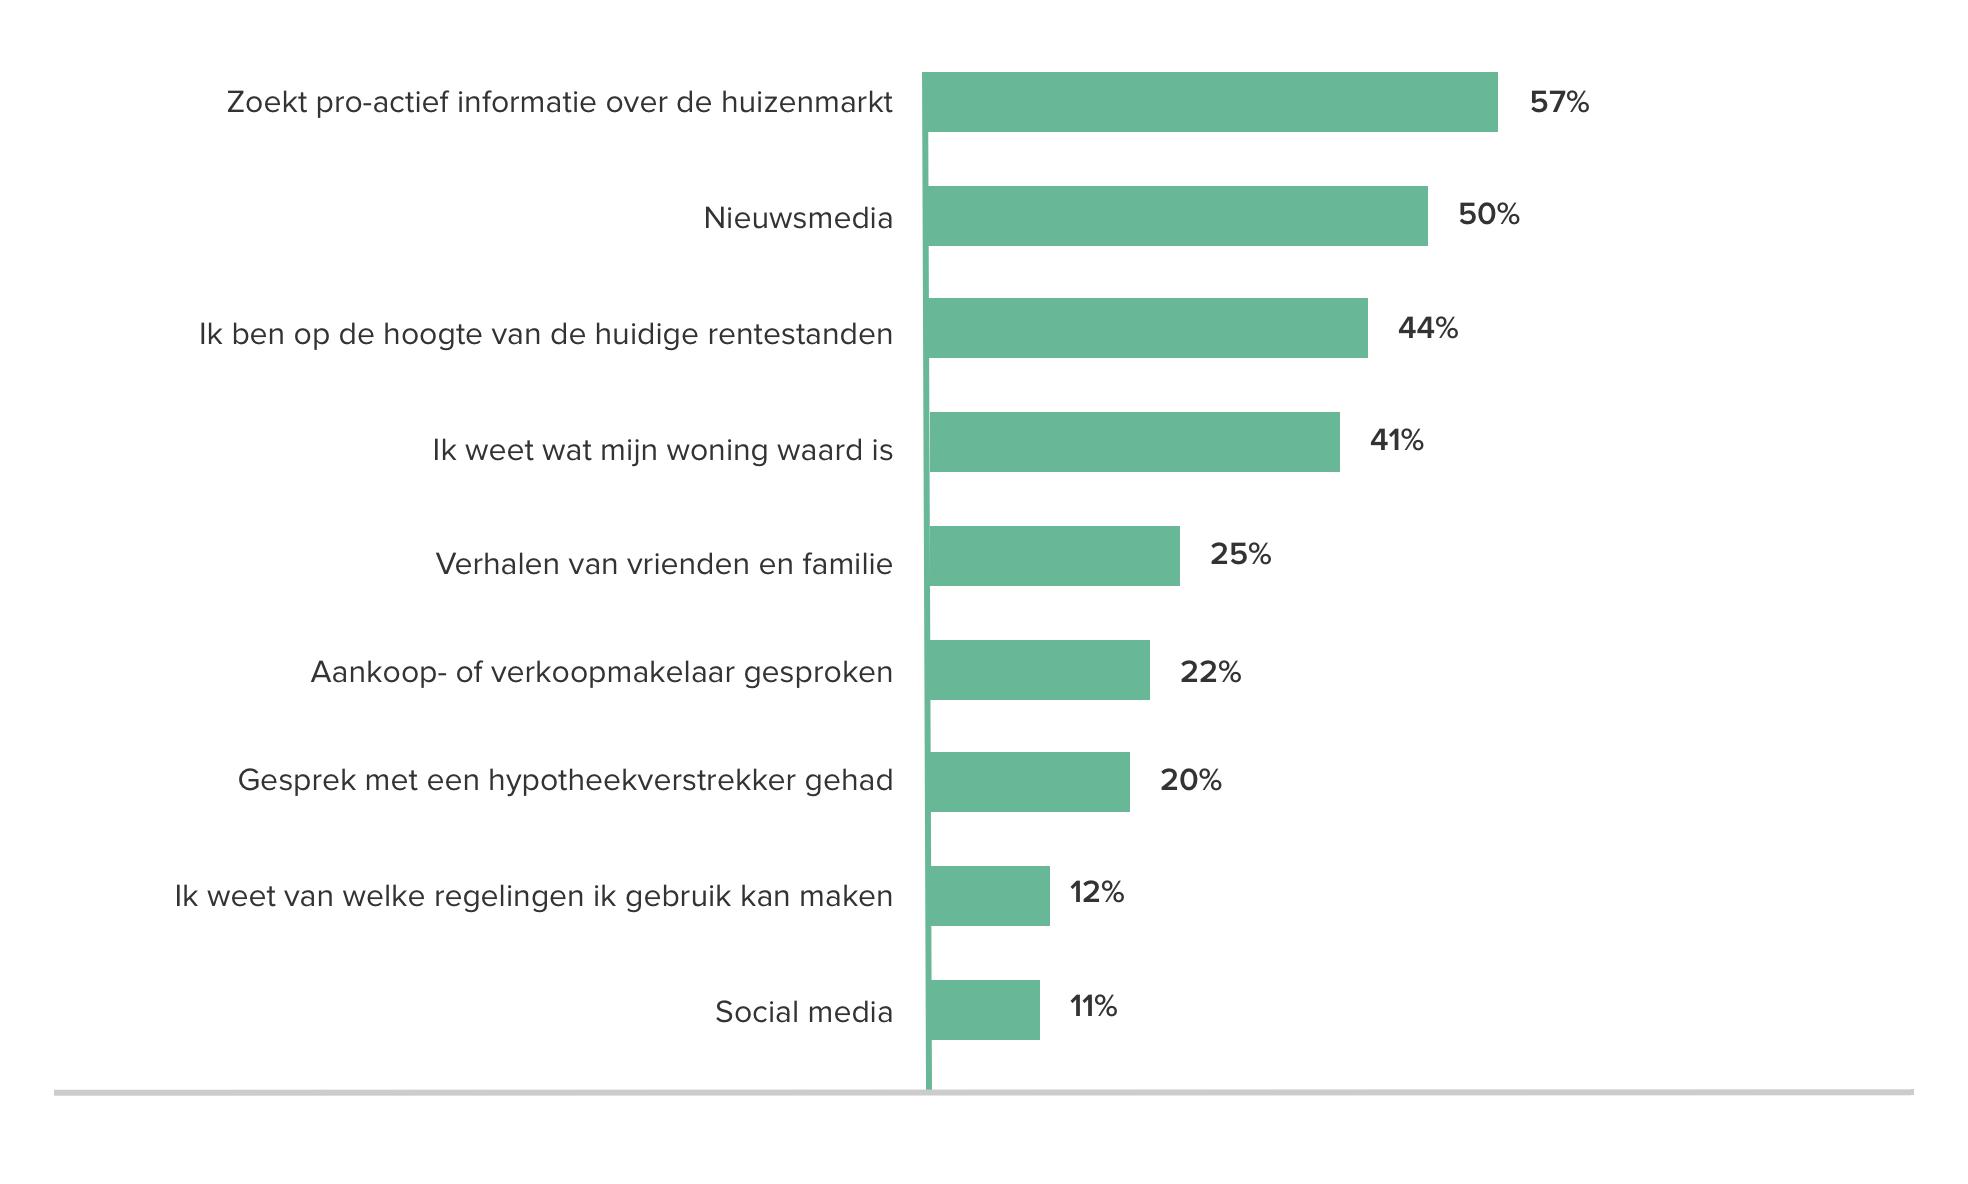 Slechts 22% van de ondervraagden baseert zijn koopvertrouwen op een gesprek met een makelaar. Daar valt dus nog een wereld te winnen.